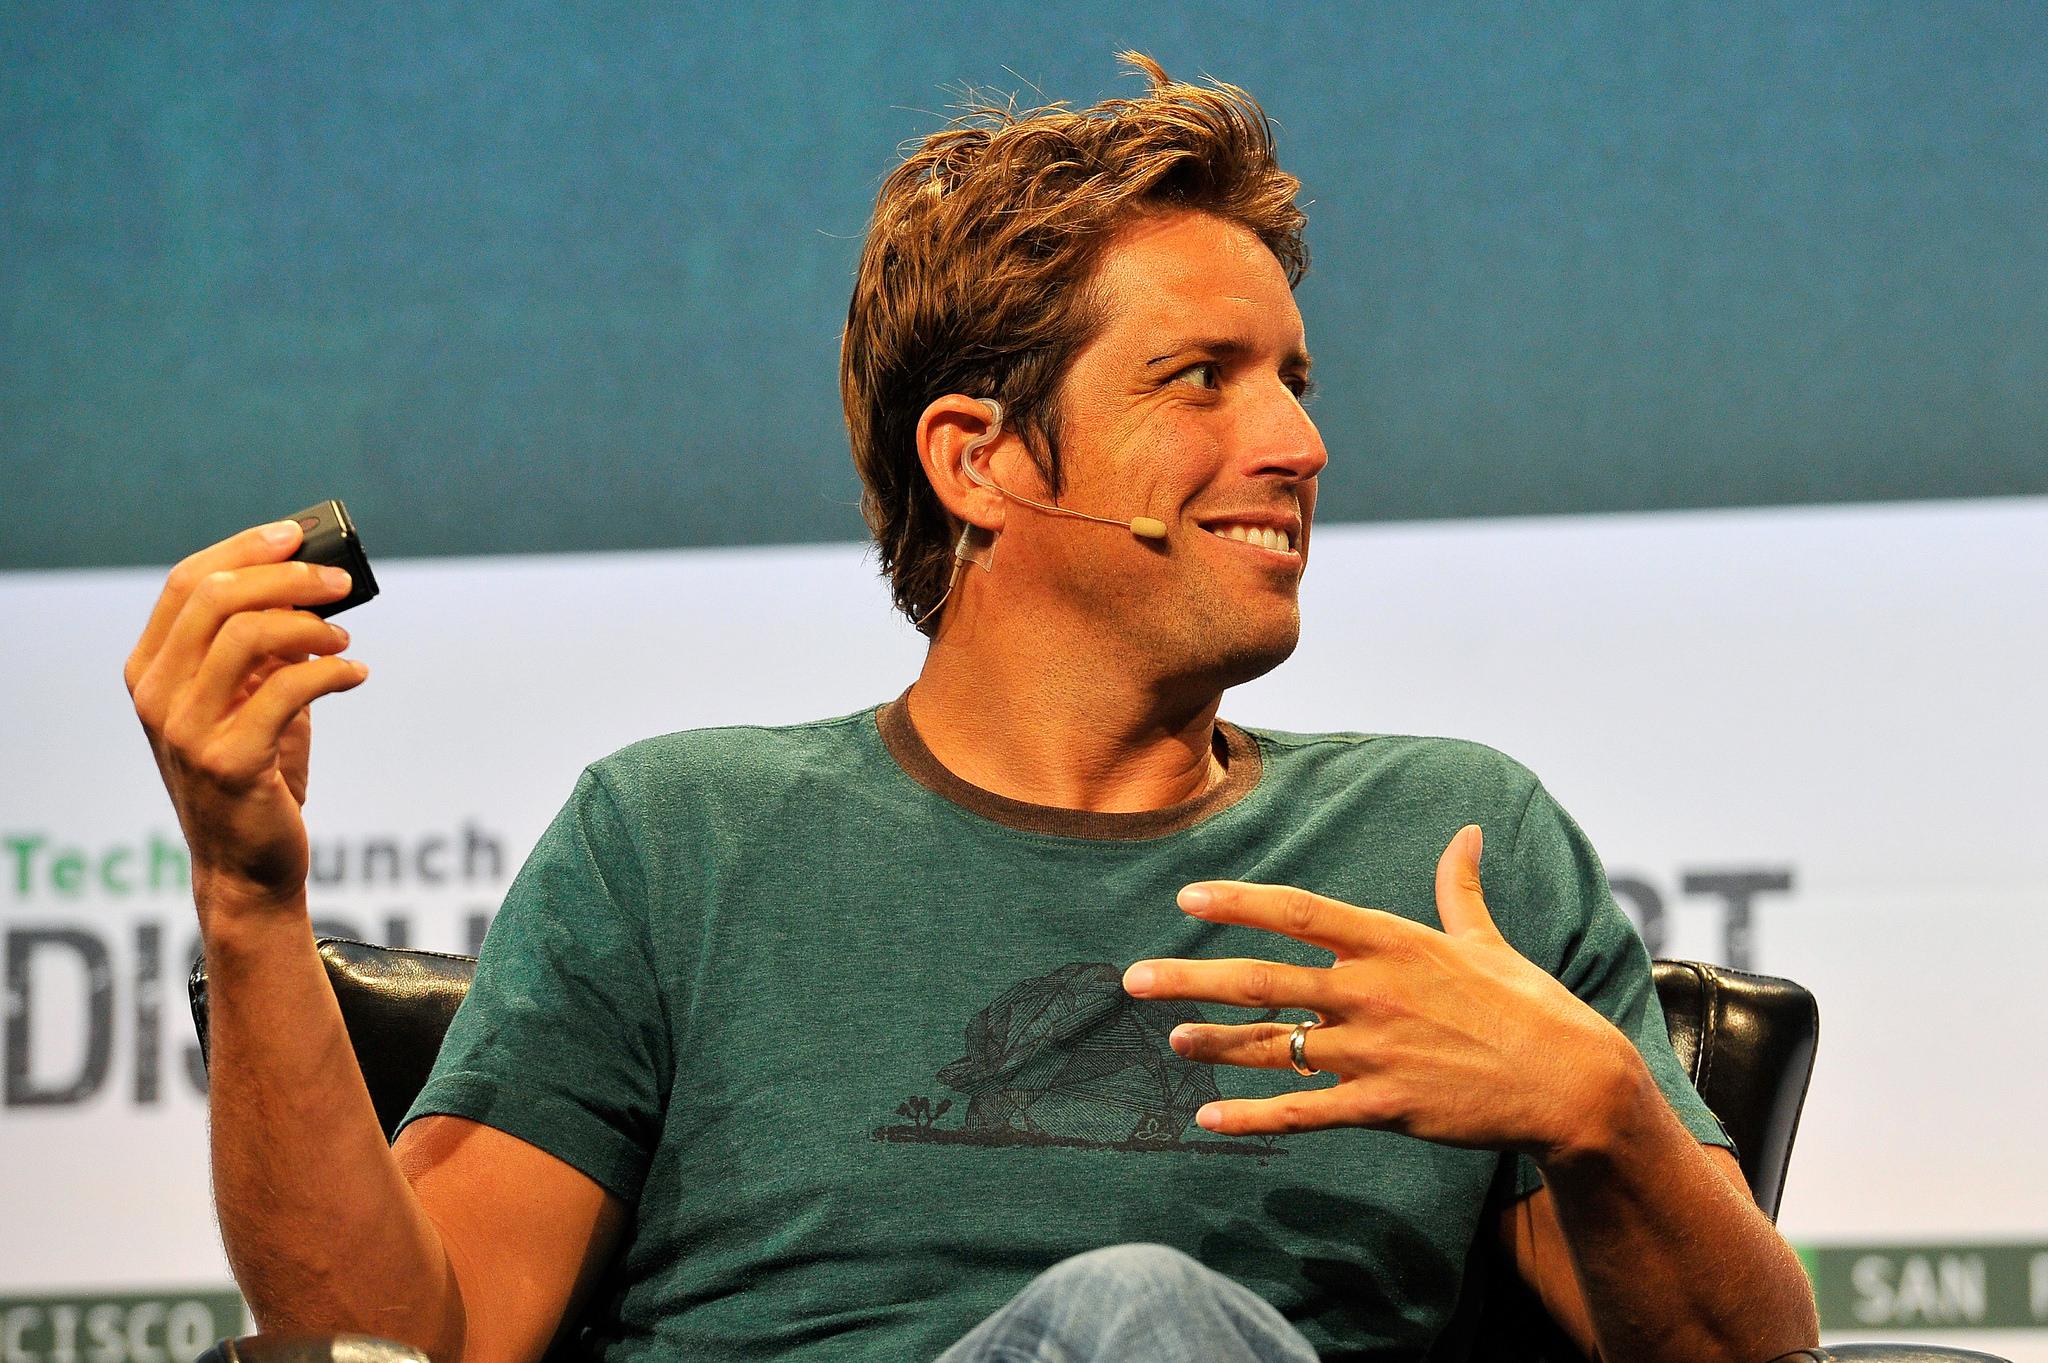 Nick Woodman, zakladatel a CEO společnosti GoPro